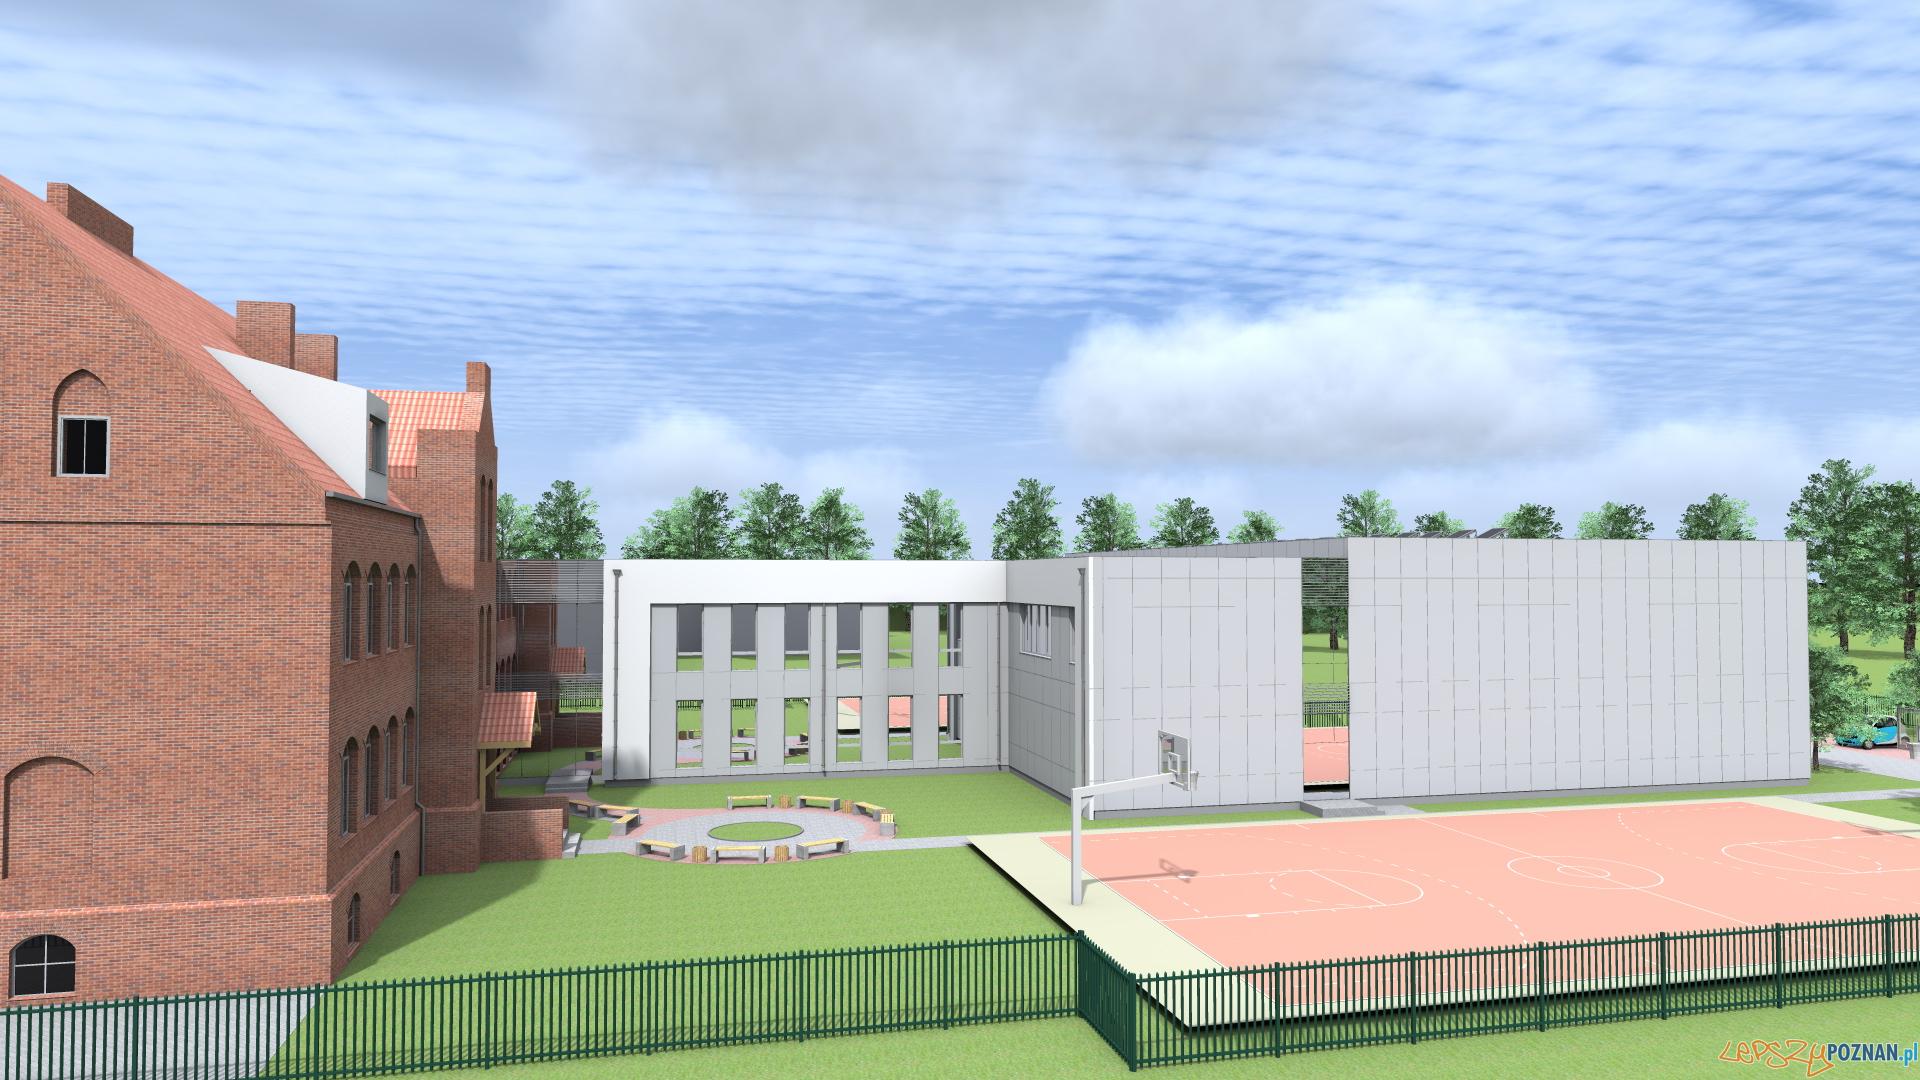 rozbudowa szkoły w Murowanej Goślinie  Foto: